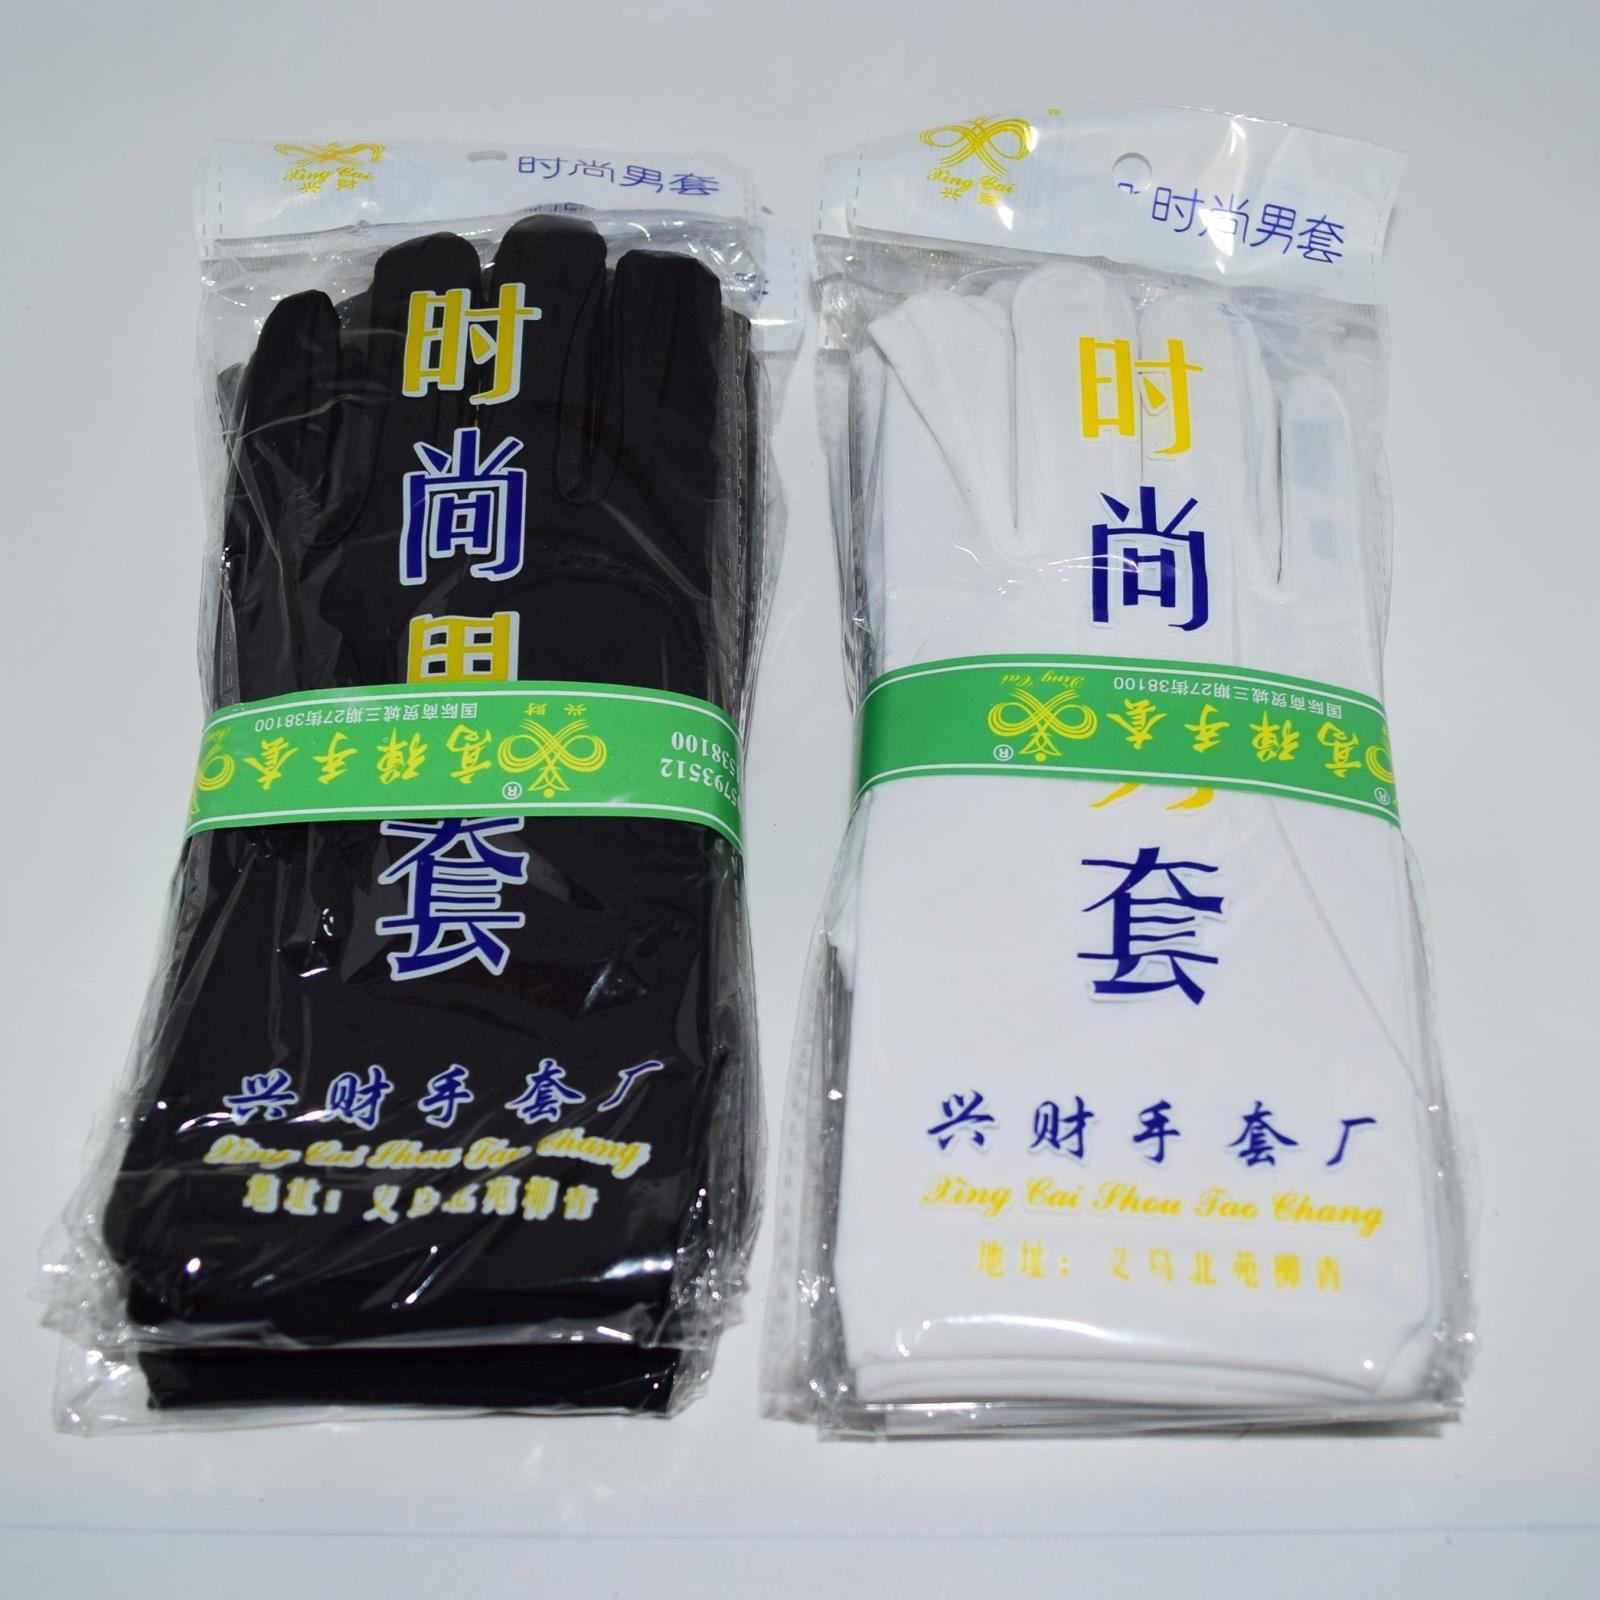 Финансовый Перчатка мужская мода набор полиуретана высокой упругой парад этикет безопасности перчатки ультра-тонких Перл ювелирные изделия Перчатки Перчатки